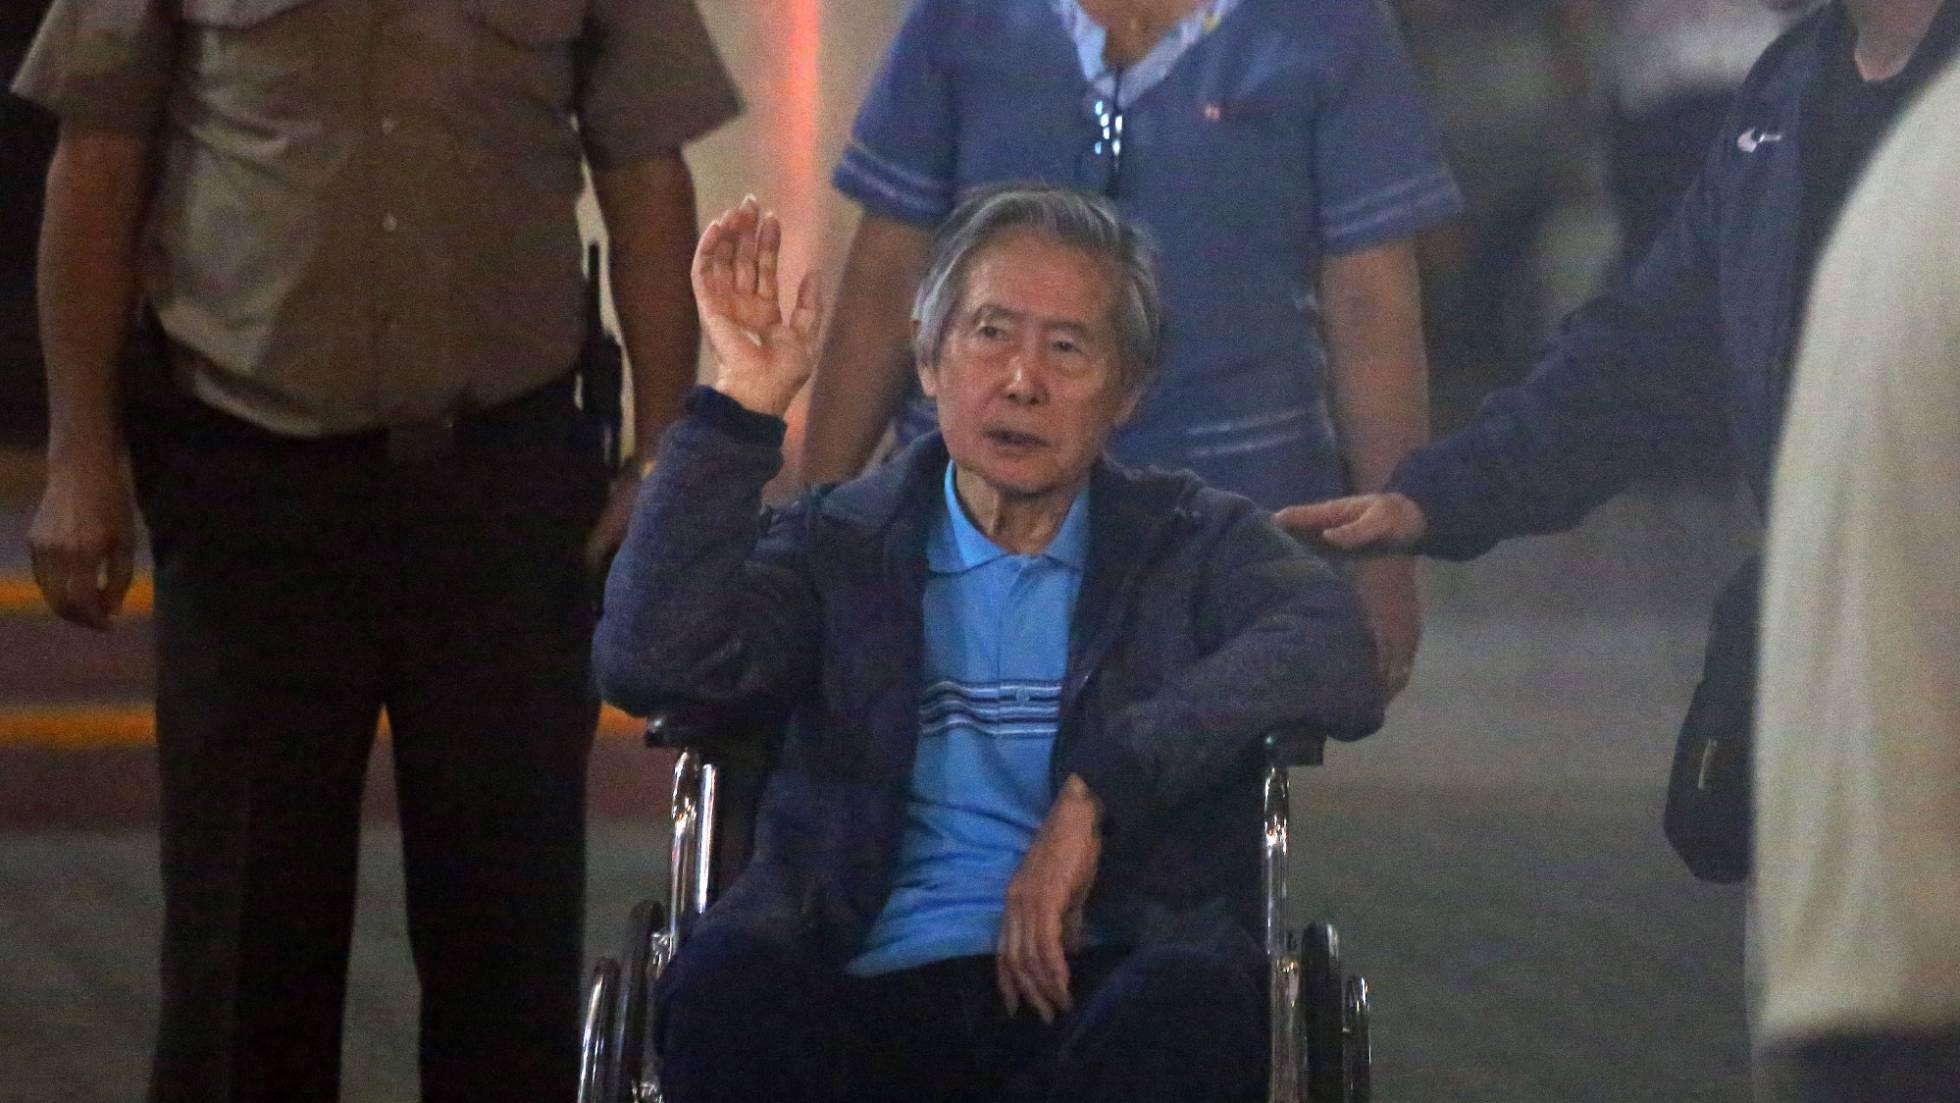 Un tribunal ordena que Fujimori sea procesado por una matanza pese al indulto presidencial